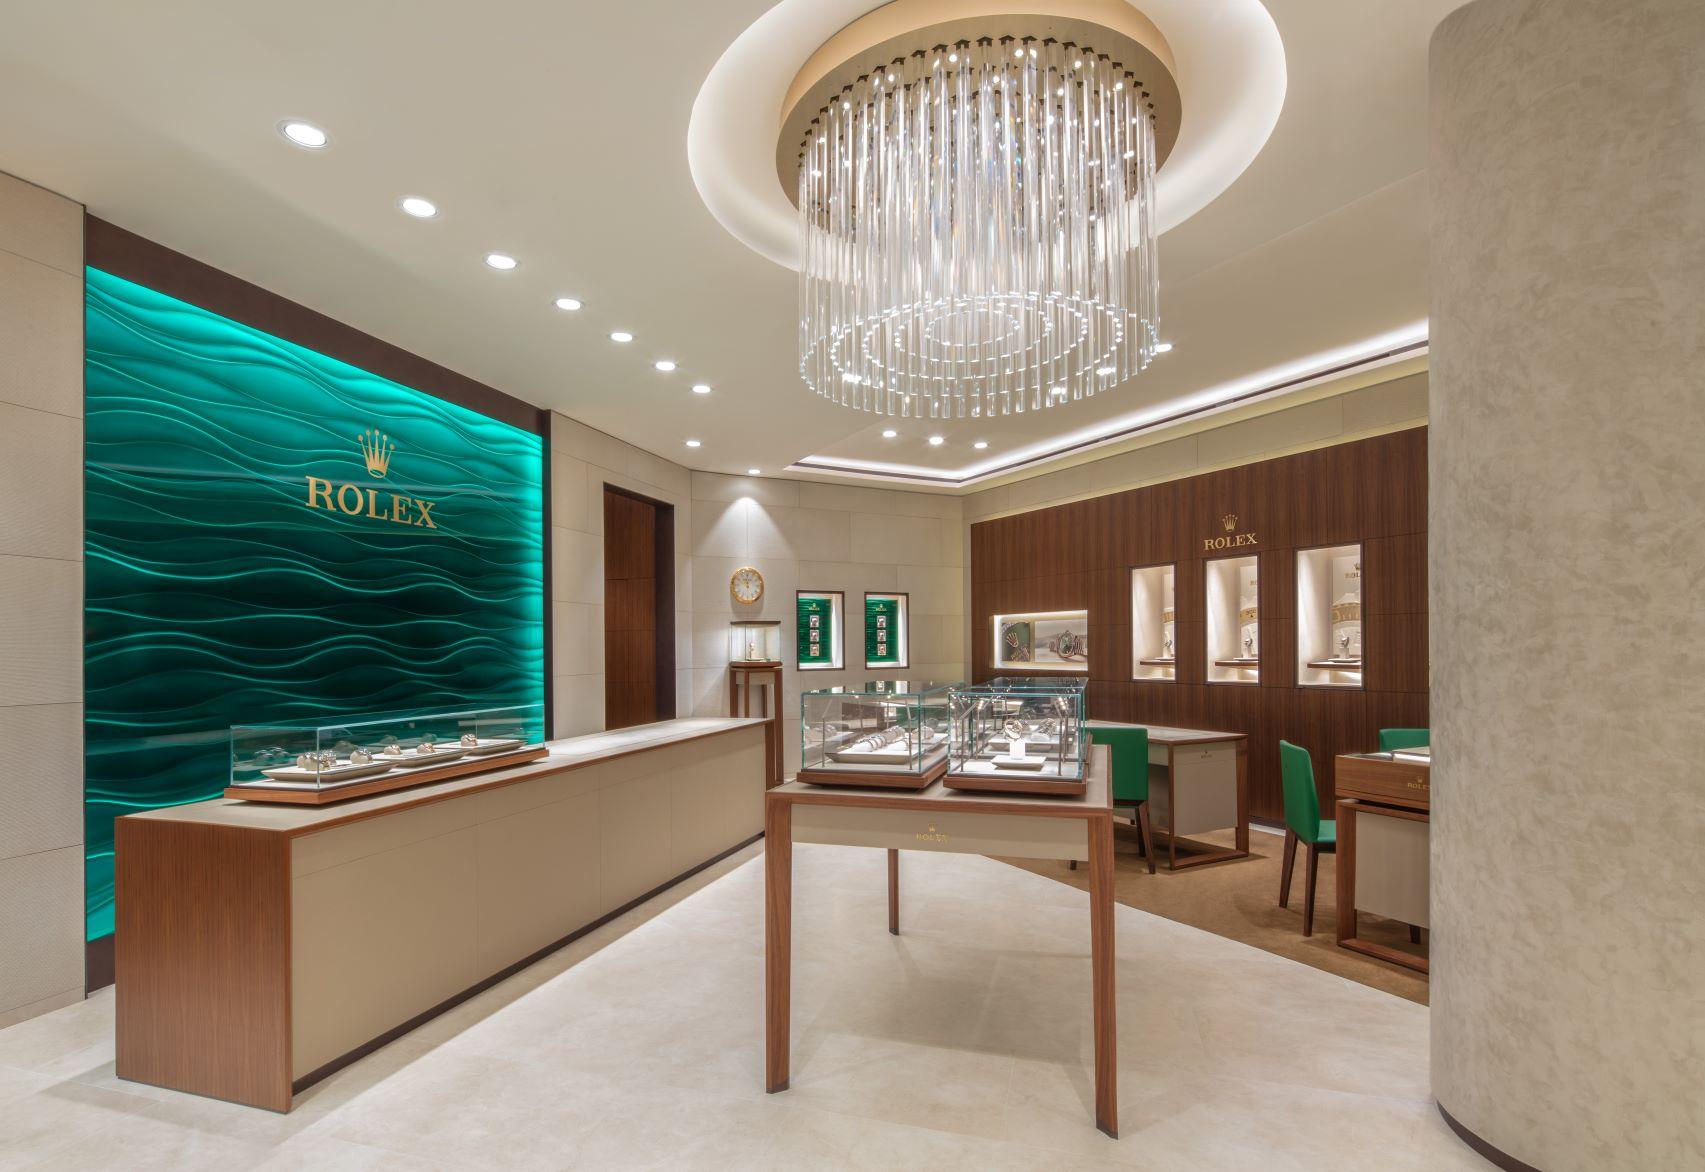 tái khai trương cửa hàng Rolex Tràng Tiền Plaza